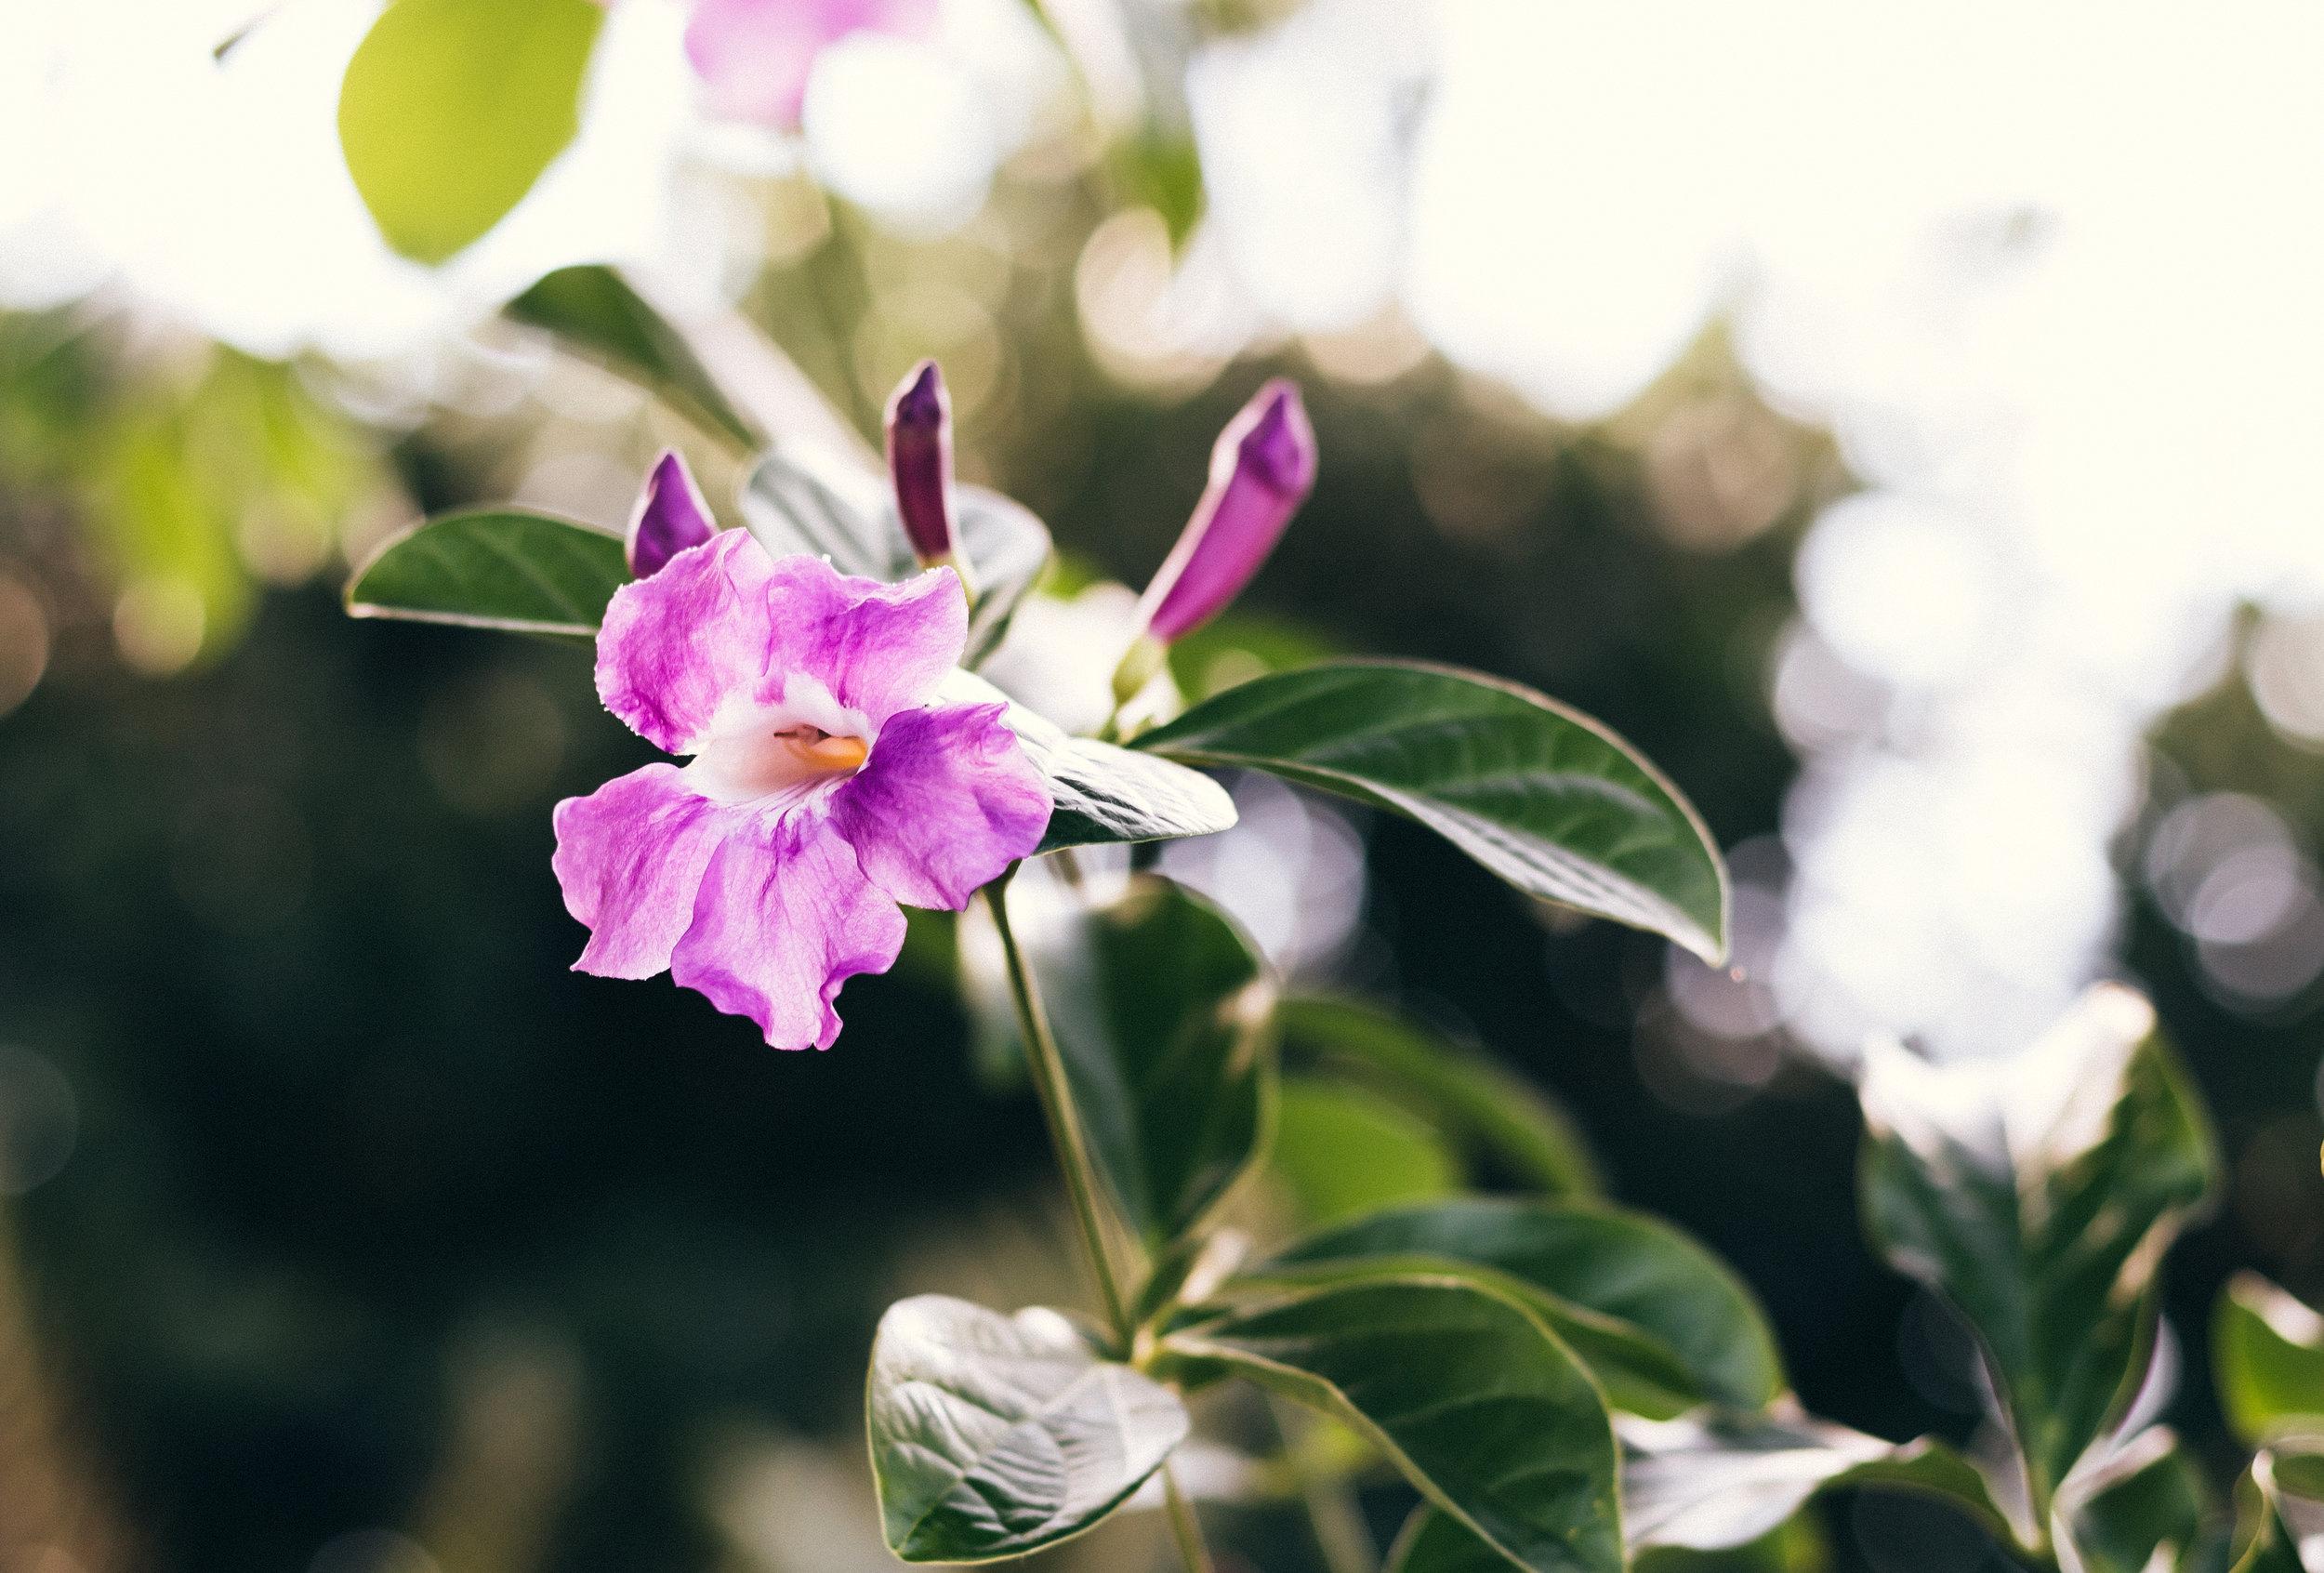 Edited Flowers in the Garden.jpg